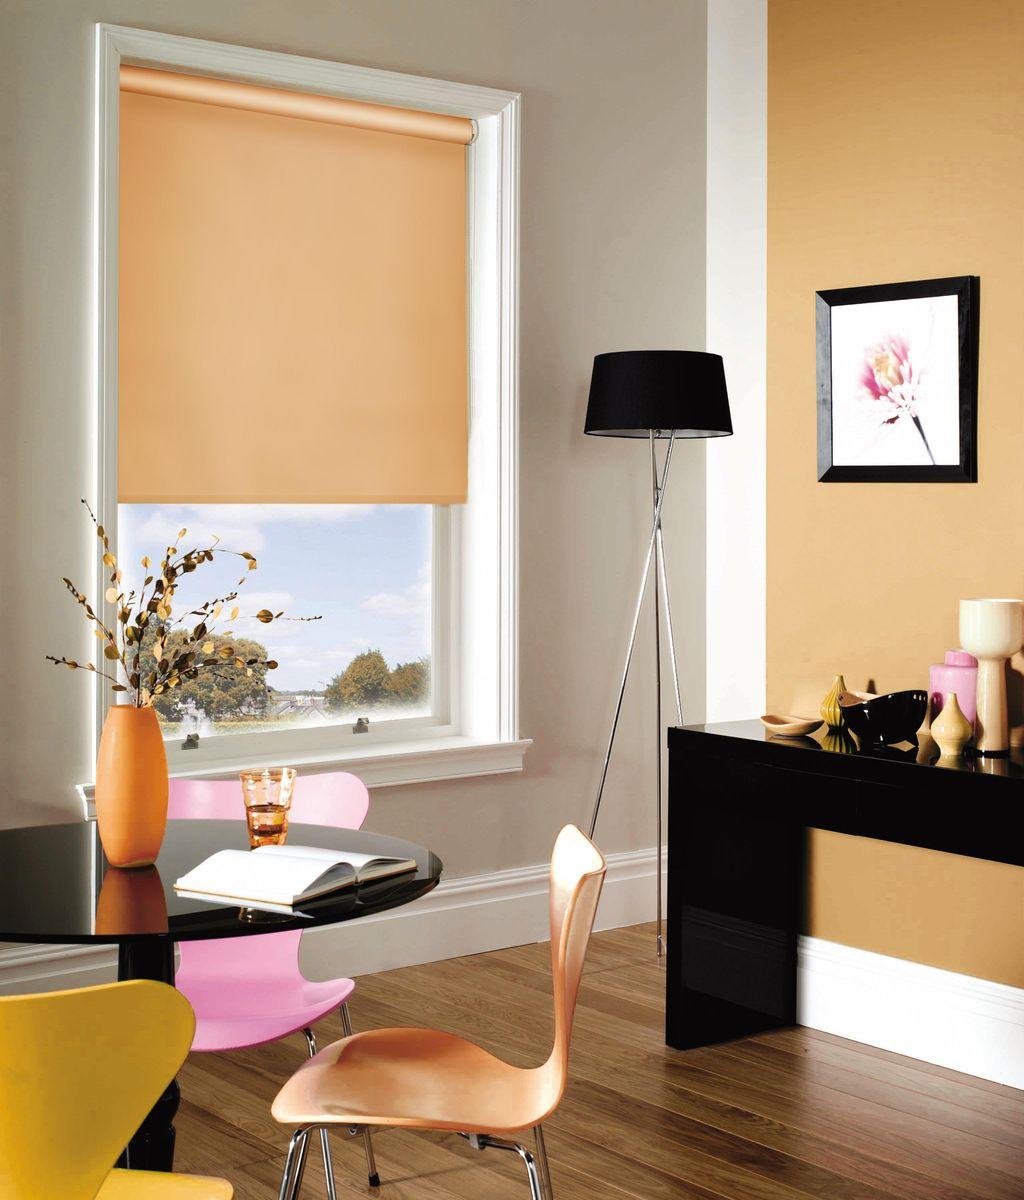 Штора рулонная Эскар Ролло. Однотонные, цвет: абрикос, ширина 60 см, высота 170 см81012060170Рулонными шторами можно оформлять окна как самостоятельно, так ииспользовать в комбинации с портьерами. Это поможет предотвратитьвыгорание дорогой ткани на солнце и соединит функционал рулонных скрасотой навесных. Преимущества применения рулонных штор для пластиковых окон: - имеют прекрасный внешний вид: многообразие и фактурность материалаизделия отлично смотрятся в любом интерьере;- многофункциональны: есть возможность подобрать шторы способныеэффективно защитить комнату от солнца, при этом о на не будет слишкомтемной.- Есть возможность осуществить быстрый монтаж. ВНИМАНИЕ! Размеры ширины изделия указаны по ширине ткани! Во время эксплуатации не рекомендуется полностью разматывать рулон, чтобыне оторвать ткань от намоточного вала. В случае загрязнения поверхности ткани, чистку шторы проводят одним изспособов, в зависимости от типа загрязнения:легкое поверхностное загрязнение можно удалить при помощи канцелярскоголастика;чистка от пыли производится сухим методом при помощи пылесоса с мягкойщеткой-насадкой;для удаления пятна используйте мягкую губку с пенообразующим неагрессивныммоющим средством или пятновыводитель на натуральной основе (нельзяприменять растворители).